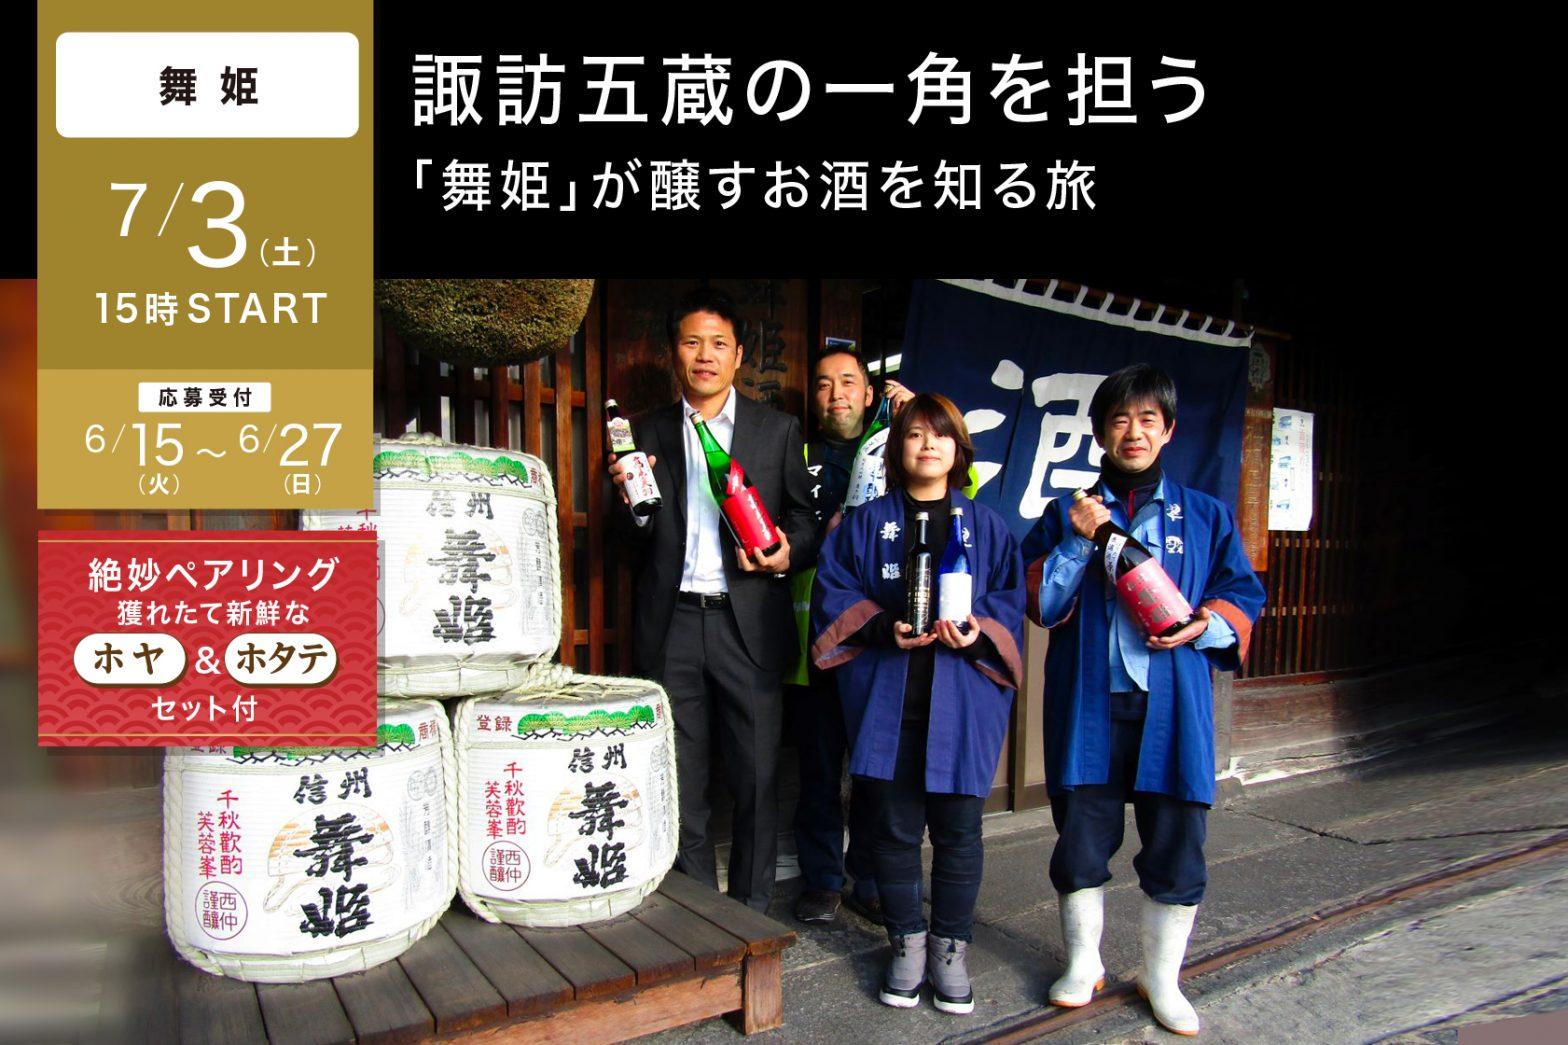 7/3 獲れたての新鮮な「ホヤ」と「ホタテ」を味わいながら、諏訪五蔵の一角を担う「舞姫」が醸すお酒を知る旅。